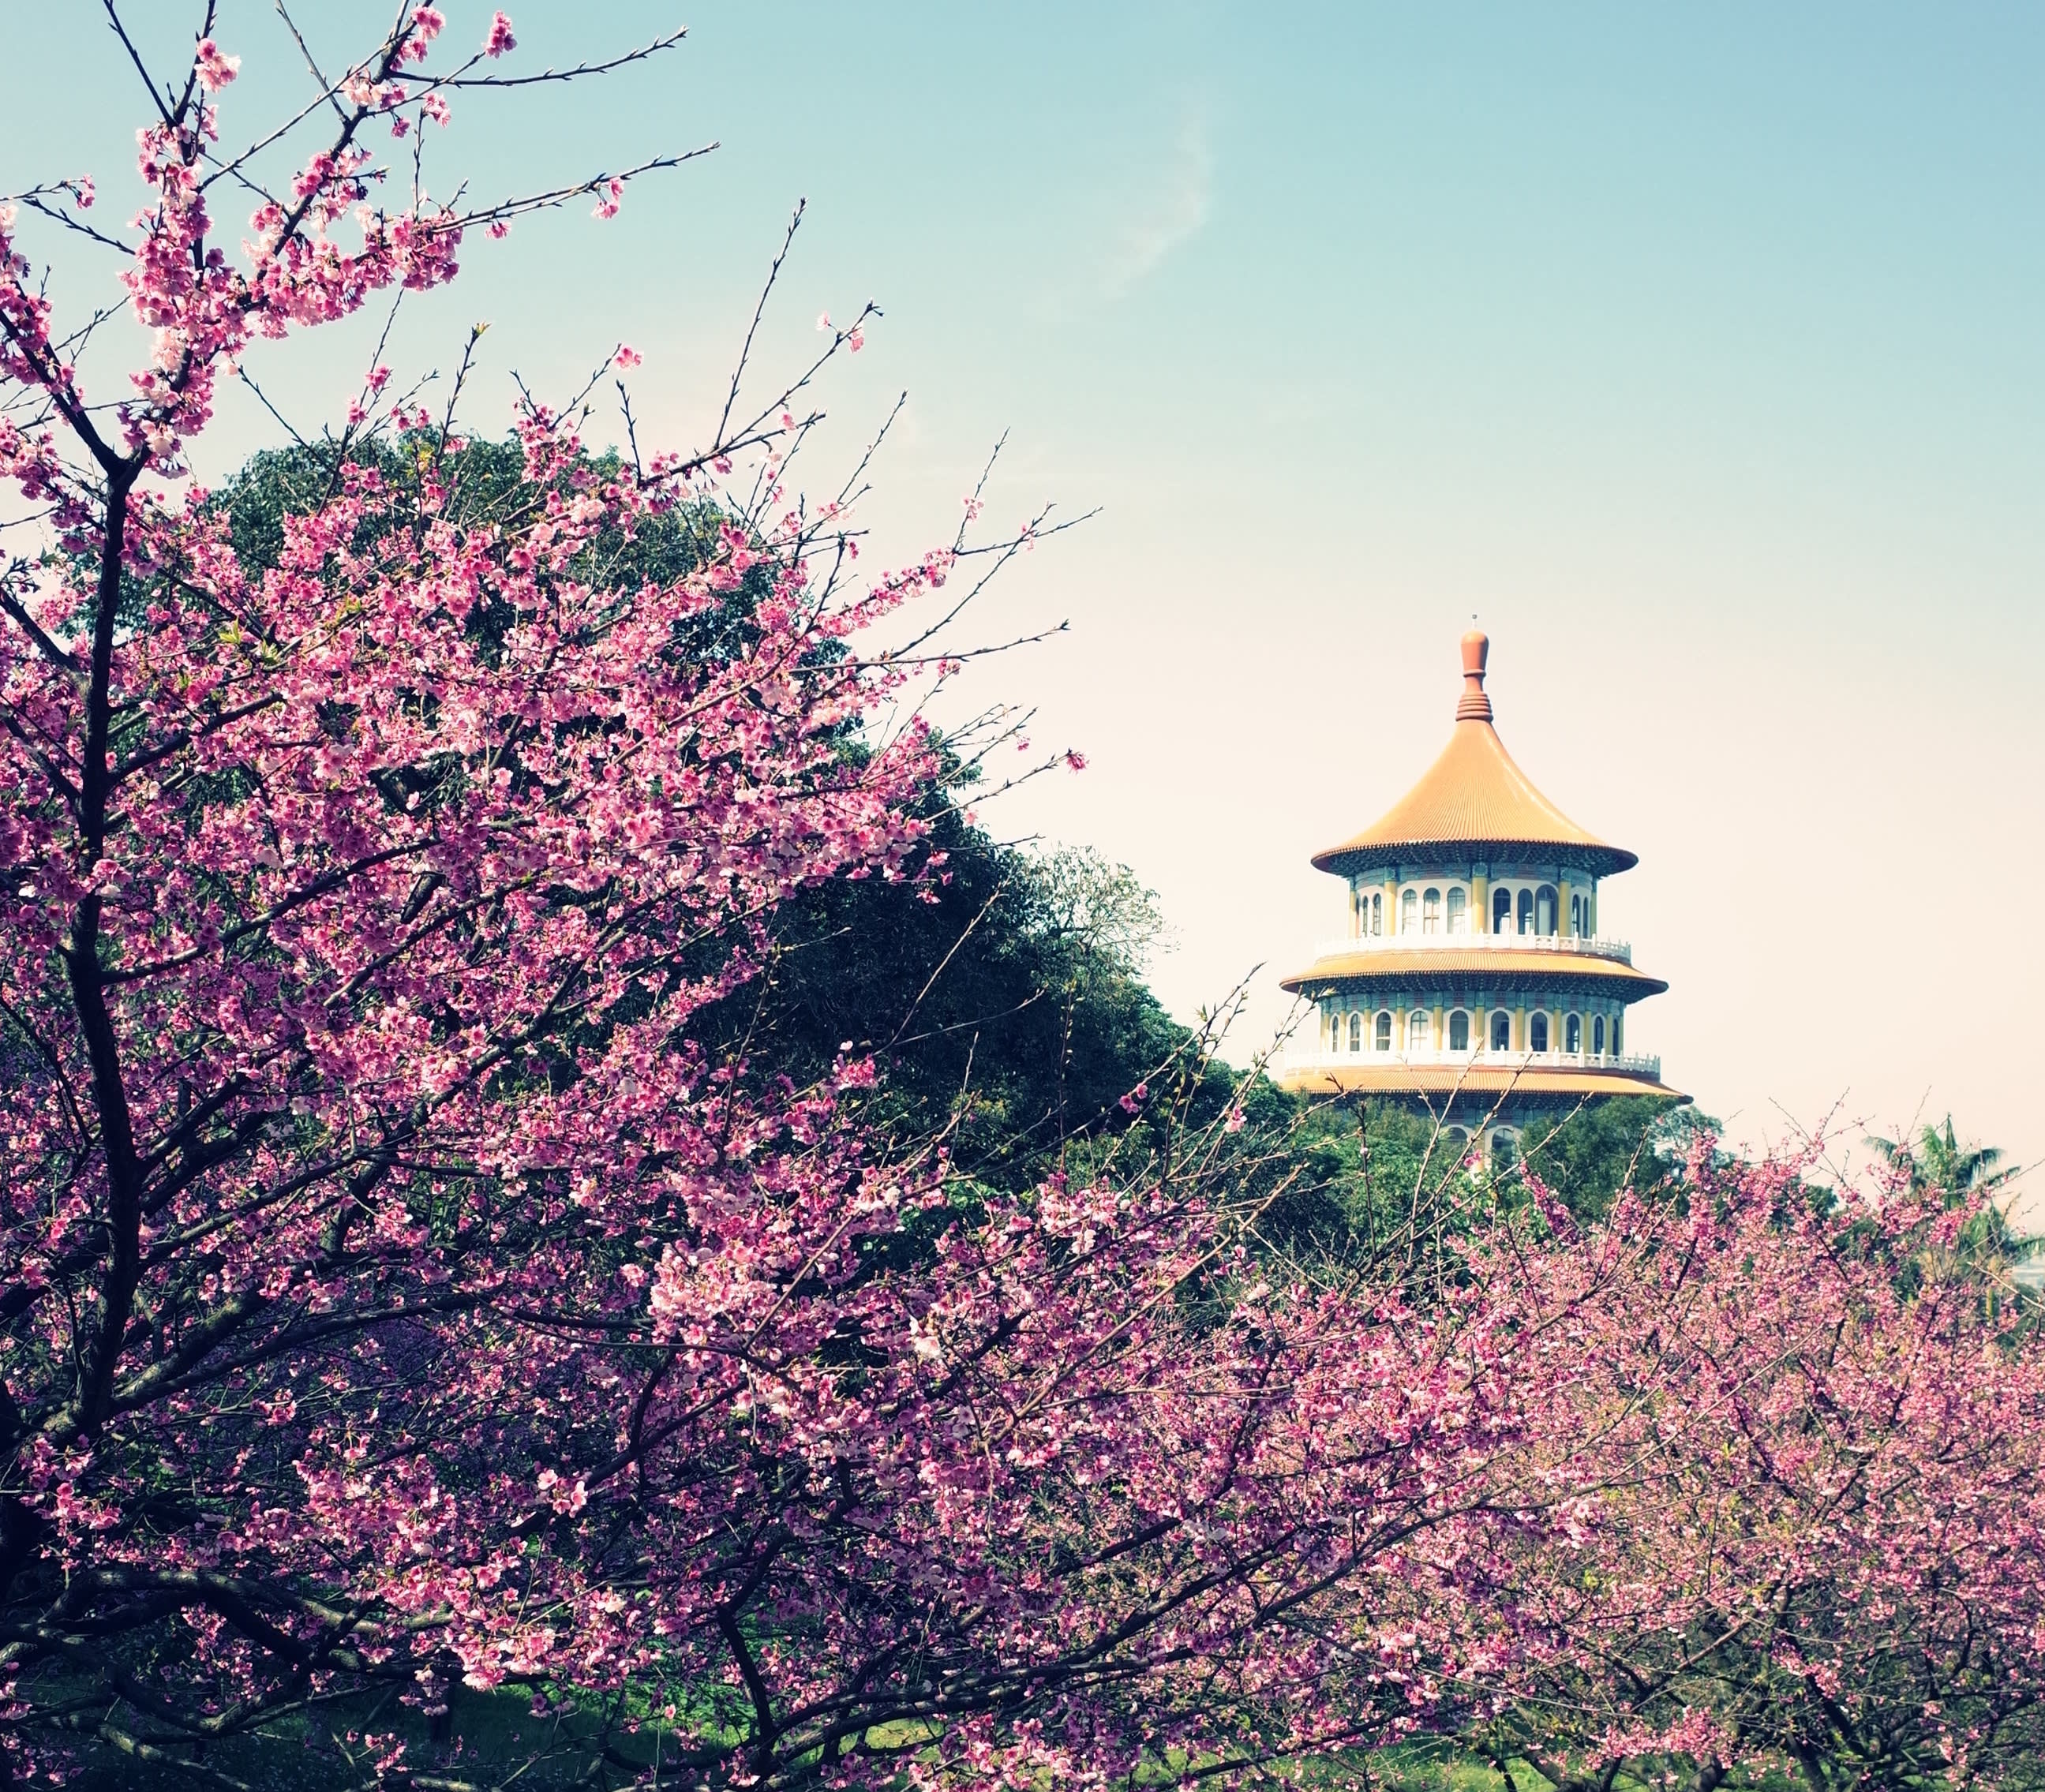 台北櫻花景點:淡水 無極天元宮,圖片取自landscaping.ntpc.gov.tw。